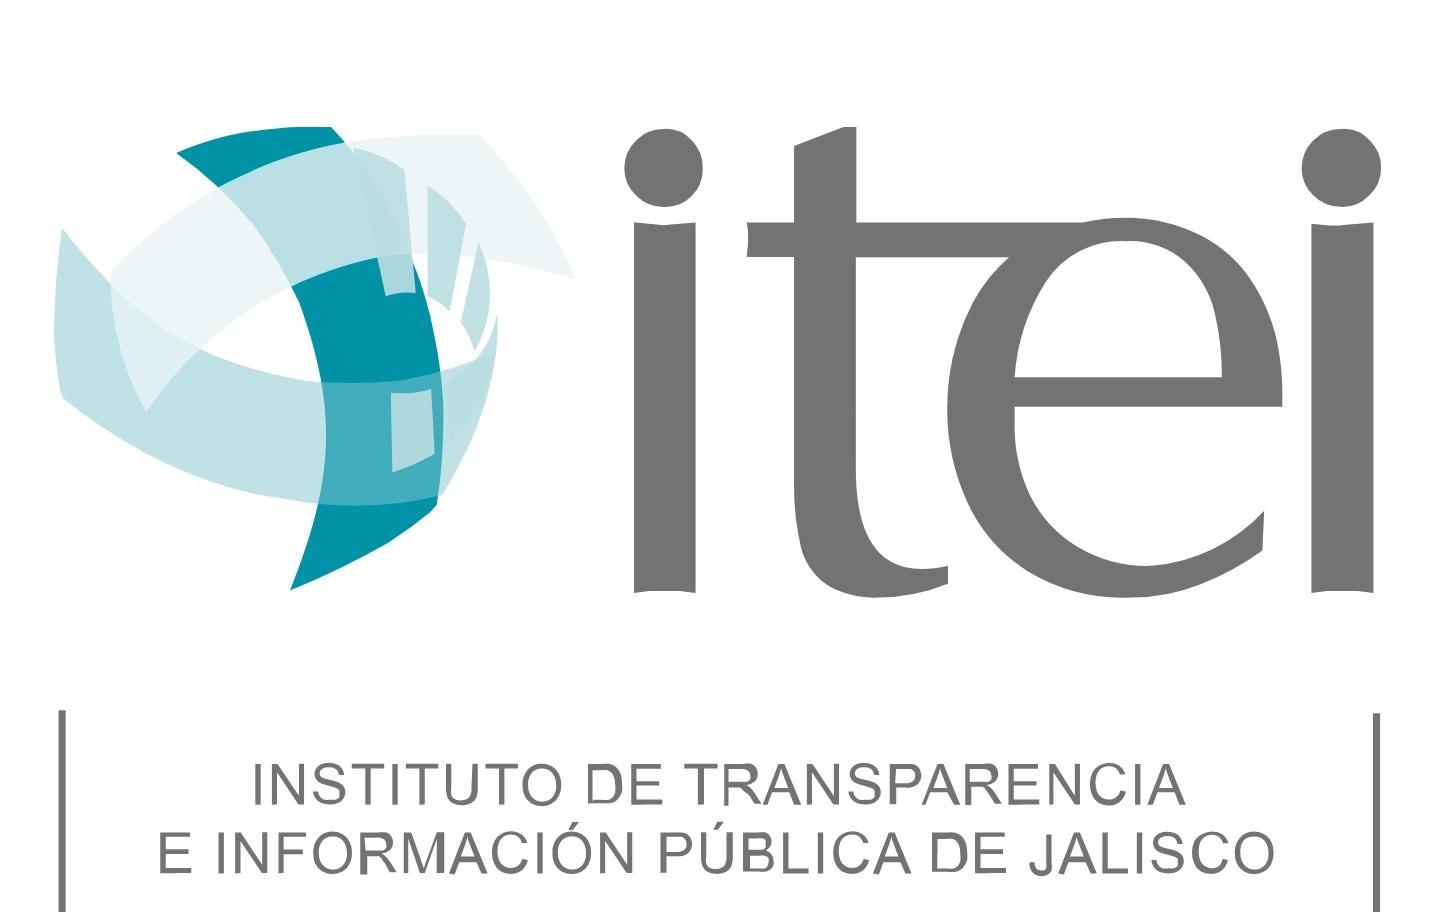 Logotipo de ITEI